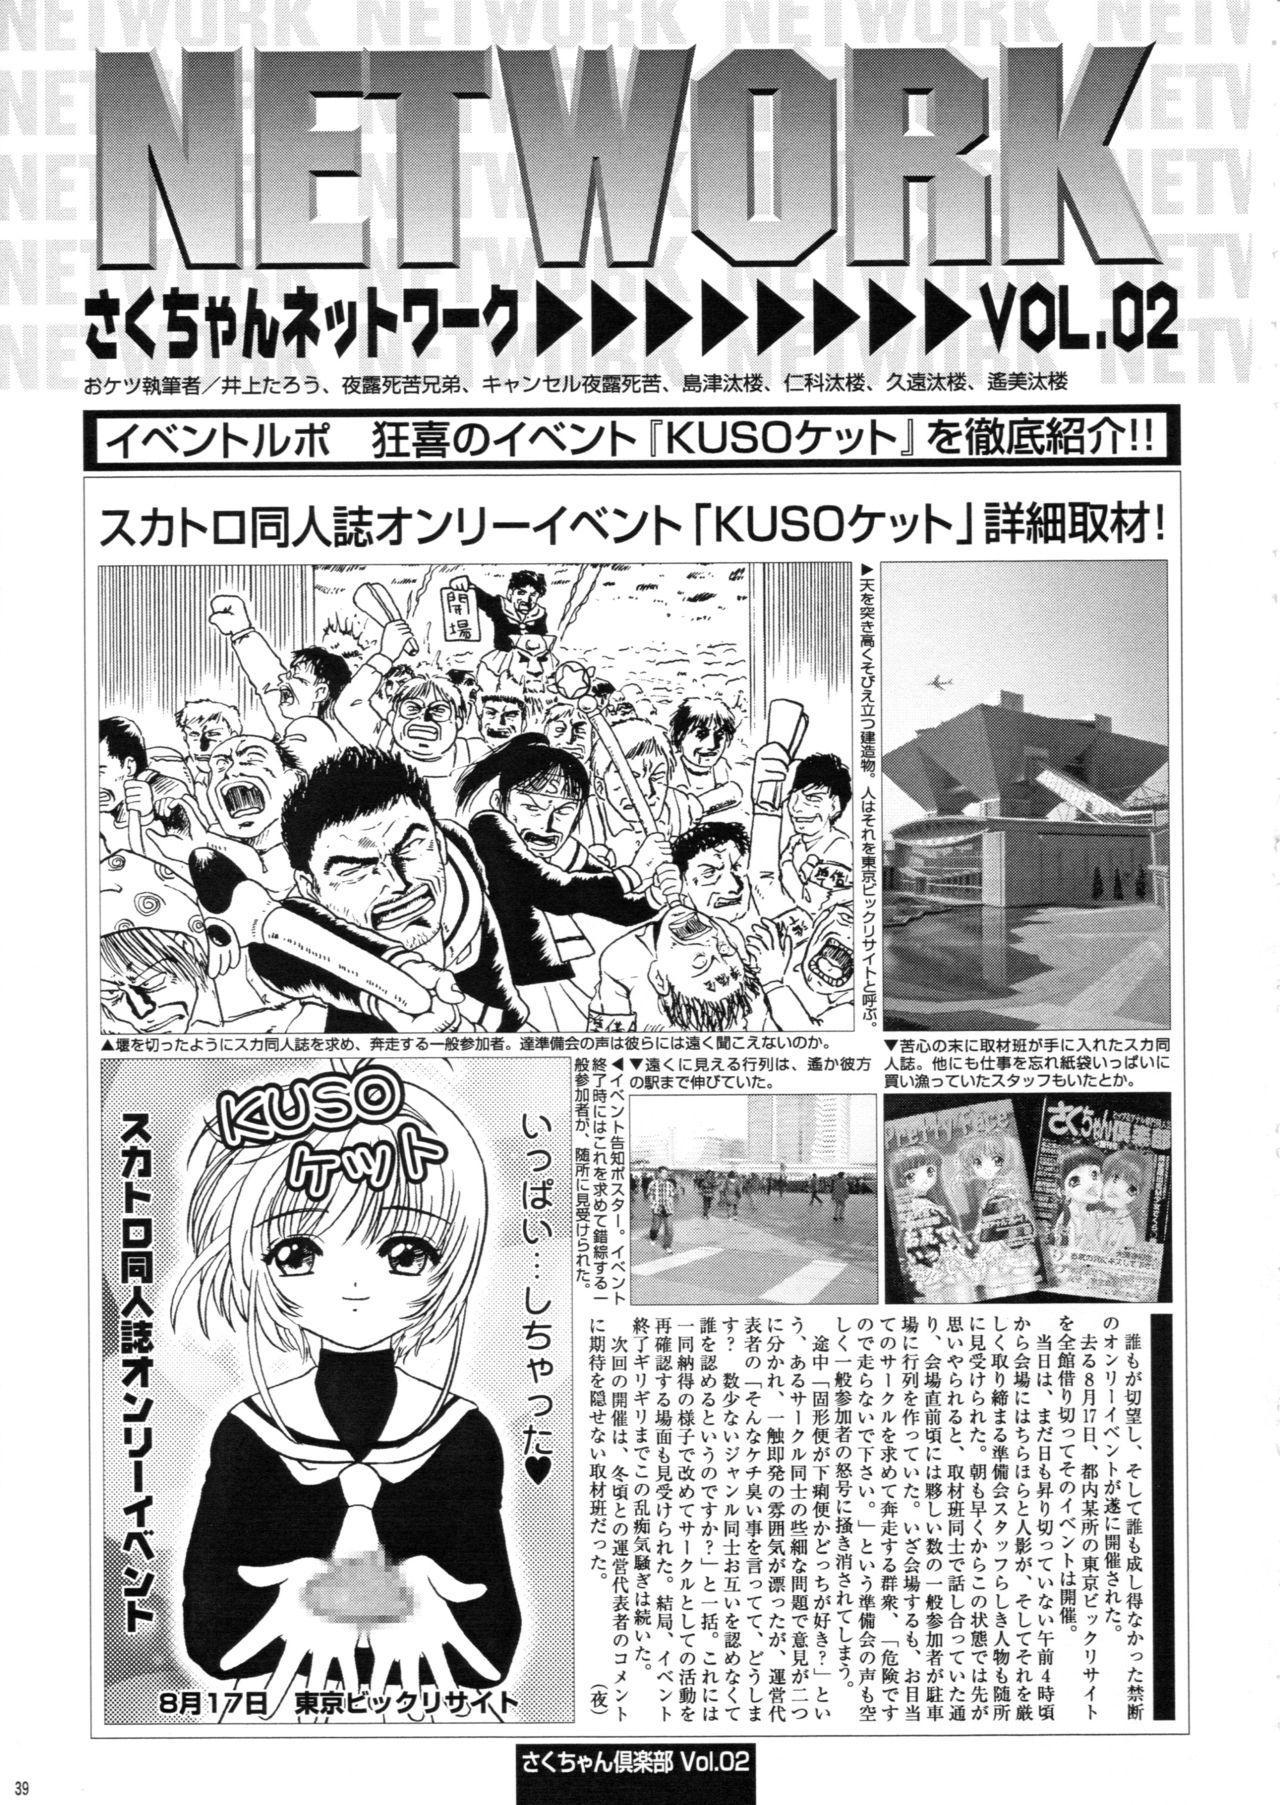 Saku-chan Club Vol. 02 37